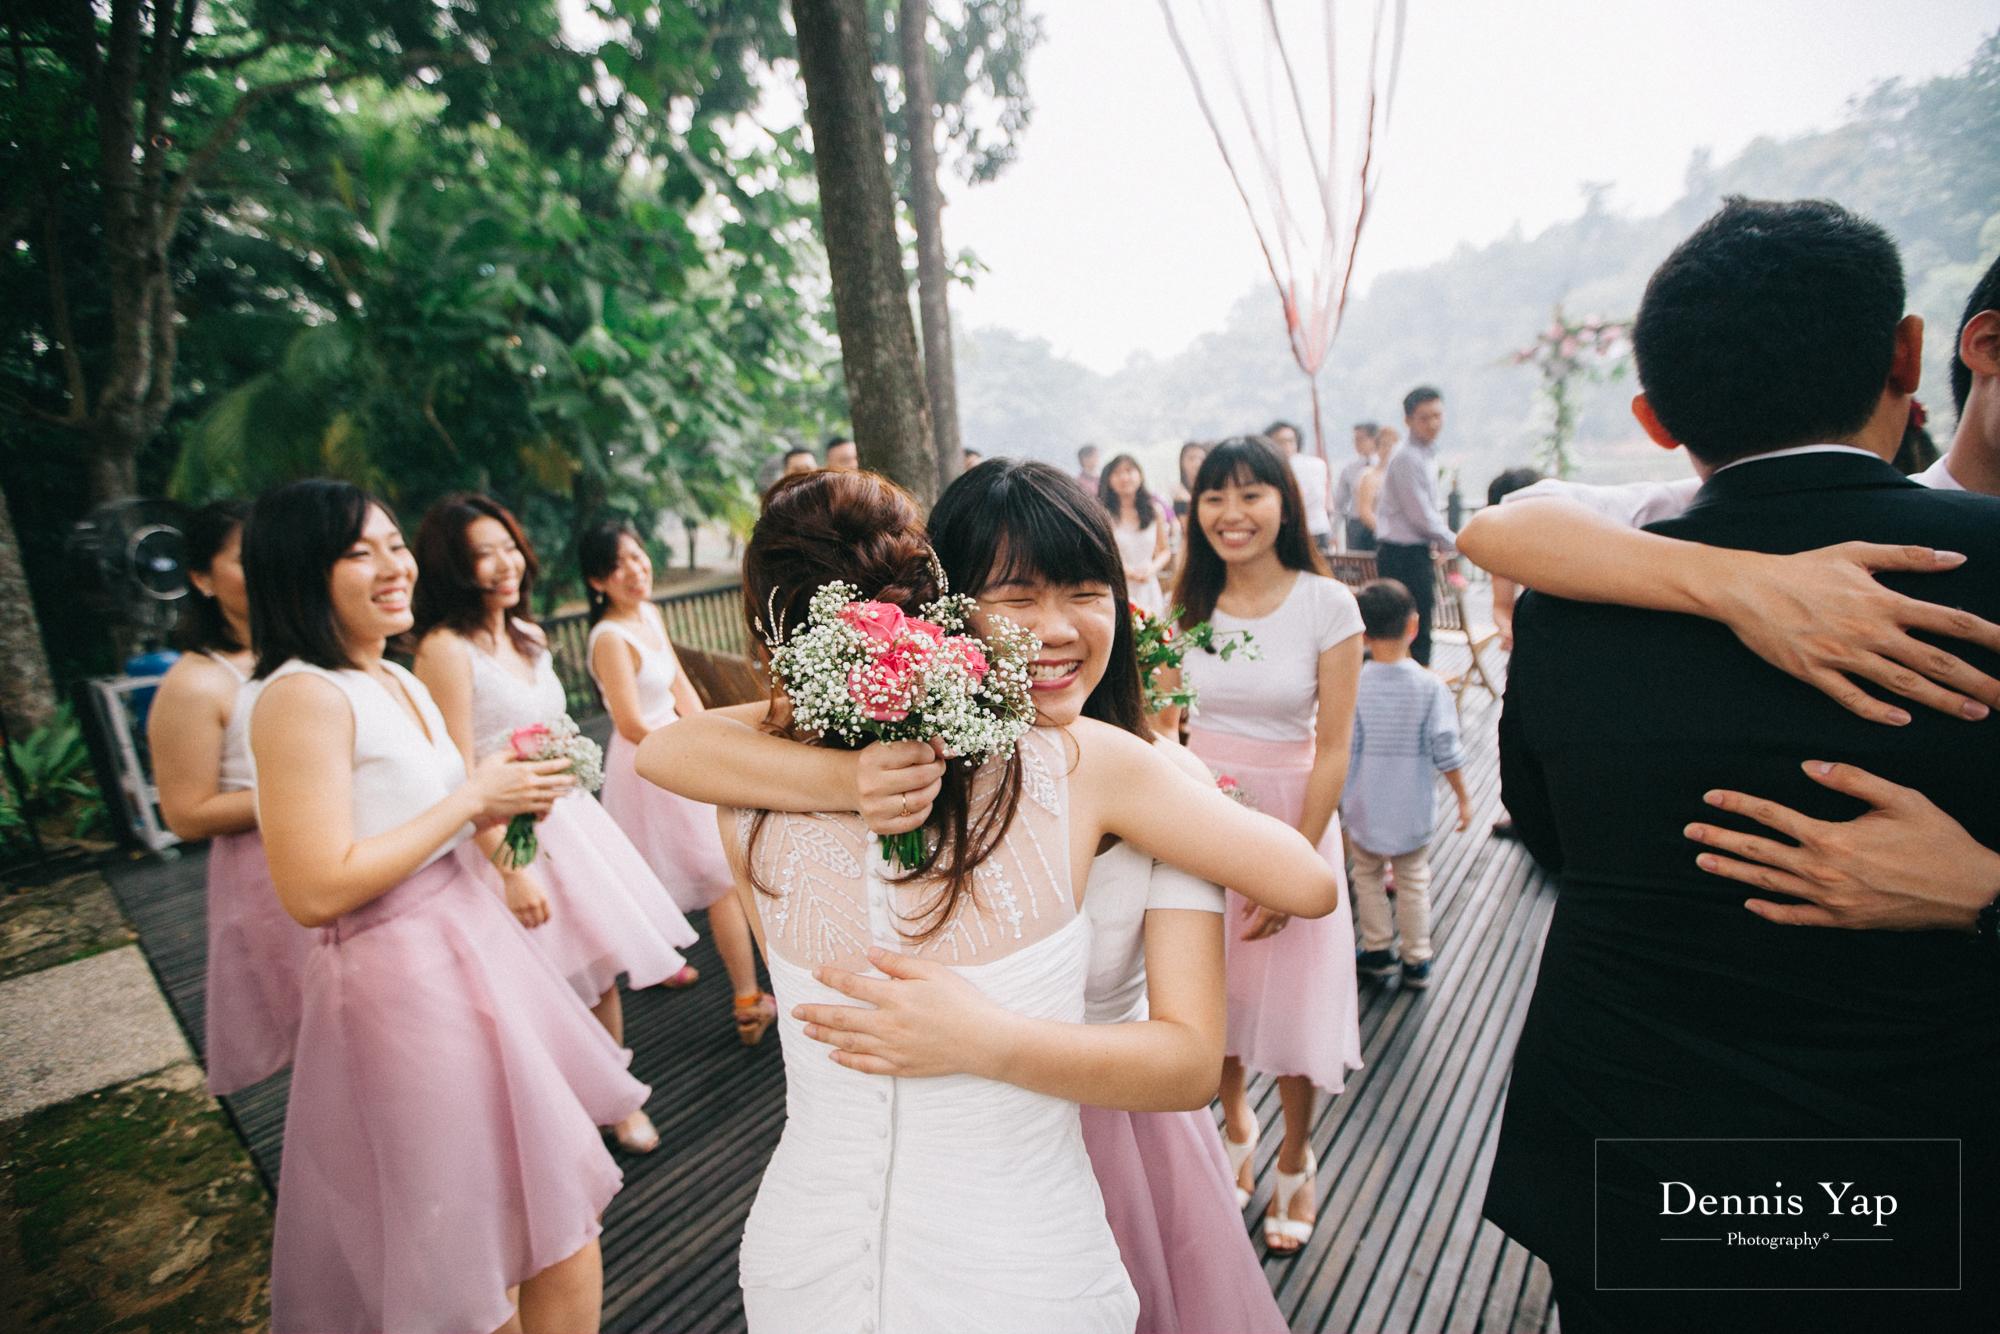 jason su lin rom registration gita bayu serdang wedding reception ceremony dennis yap photography fog malaysia-23.jpg